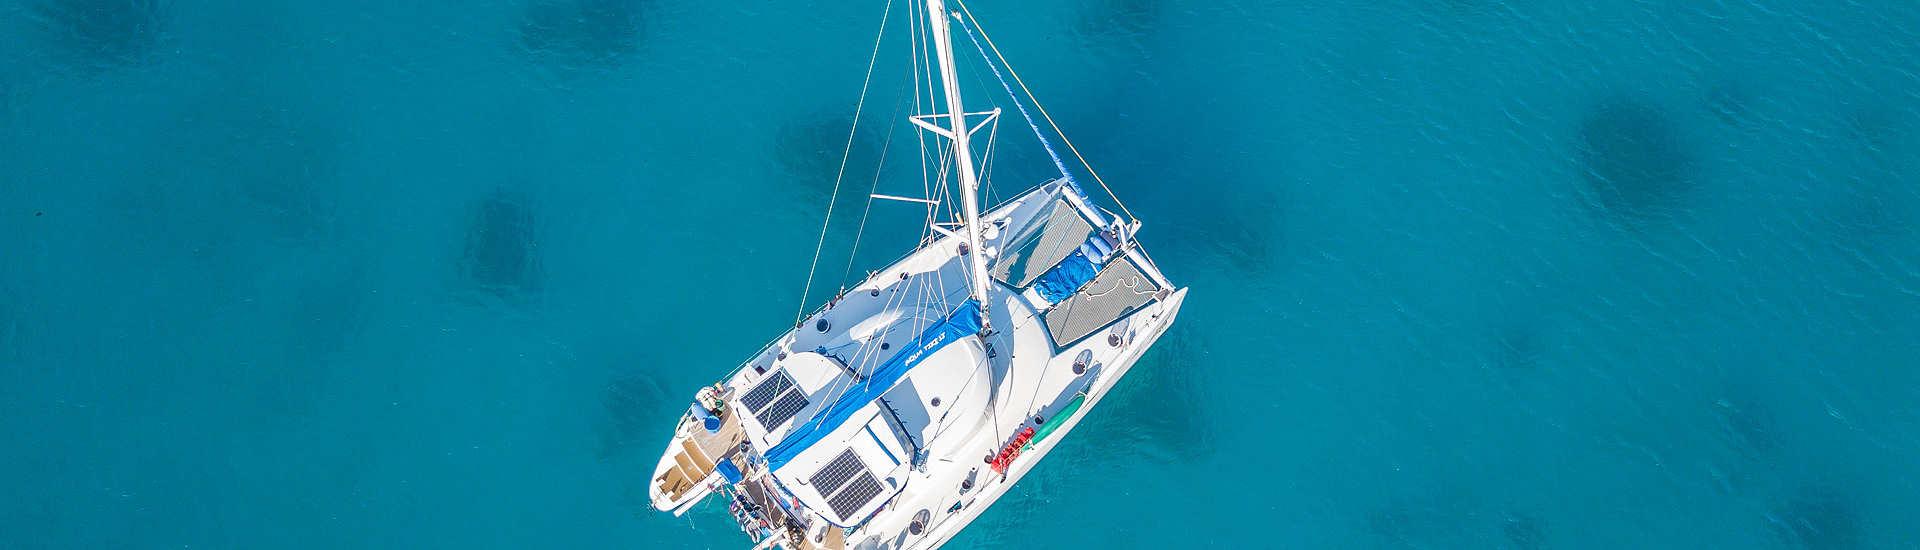 Die Aquatiki 2 in der Lagune von Toau, Französisch Polynesien